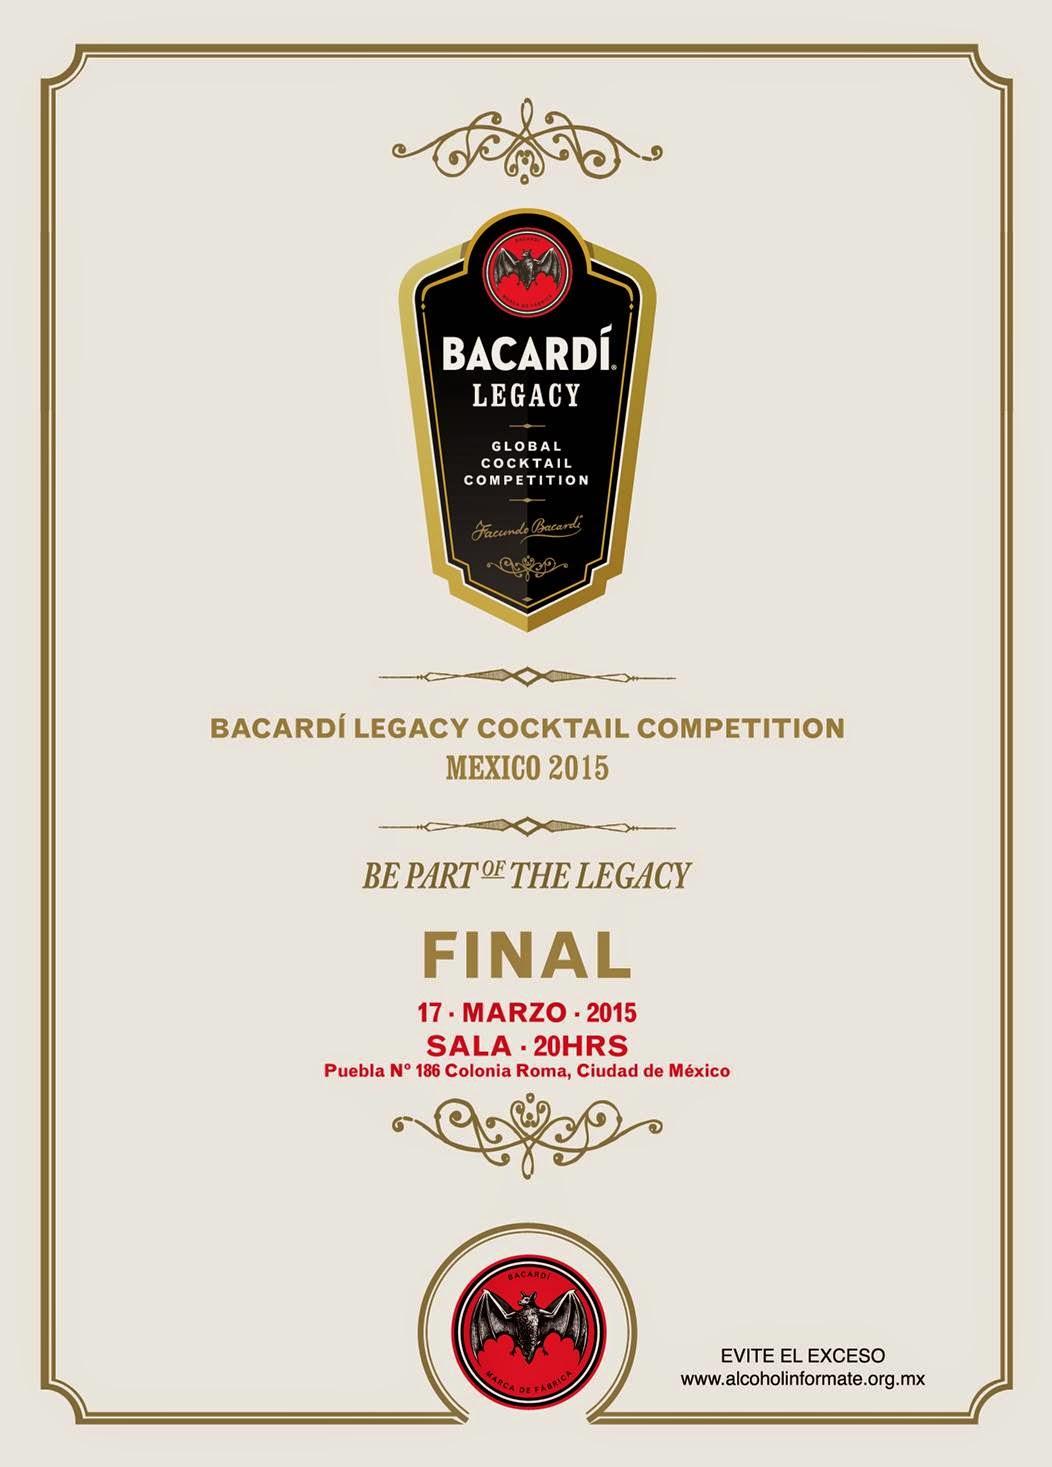 Bacardí Legacy Cocktail Competition 2015 (Ciudad de México, México)